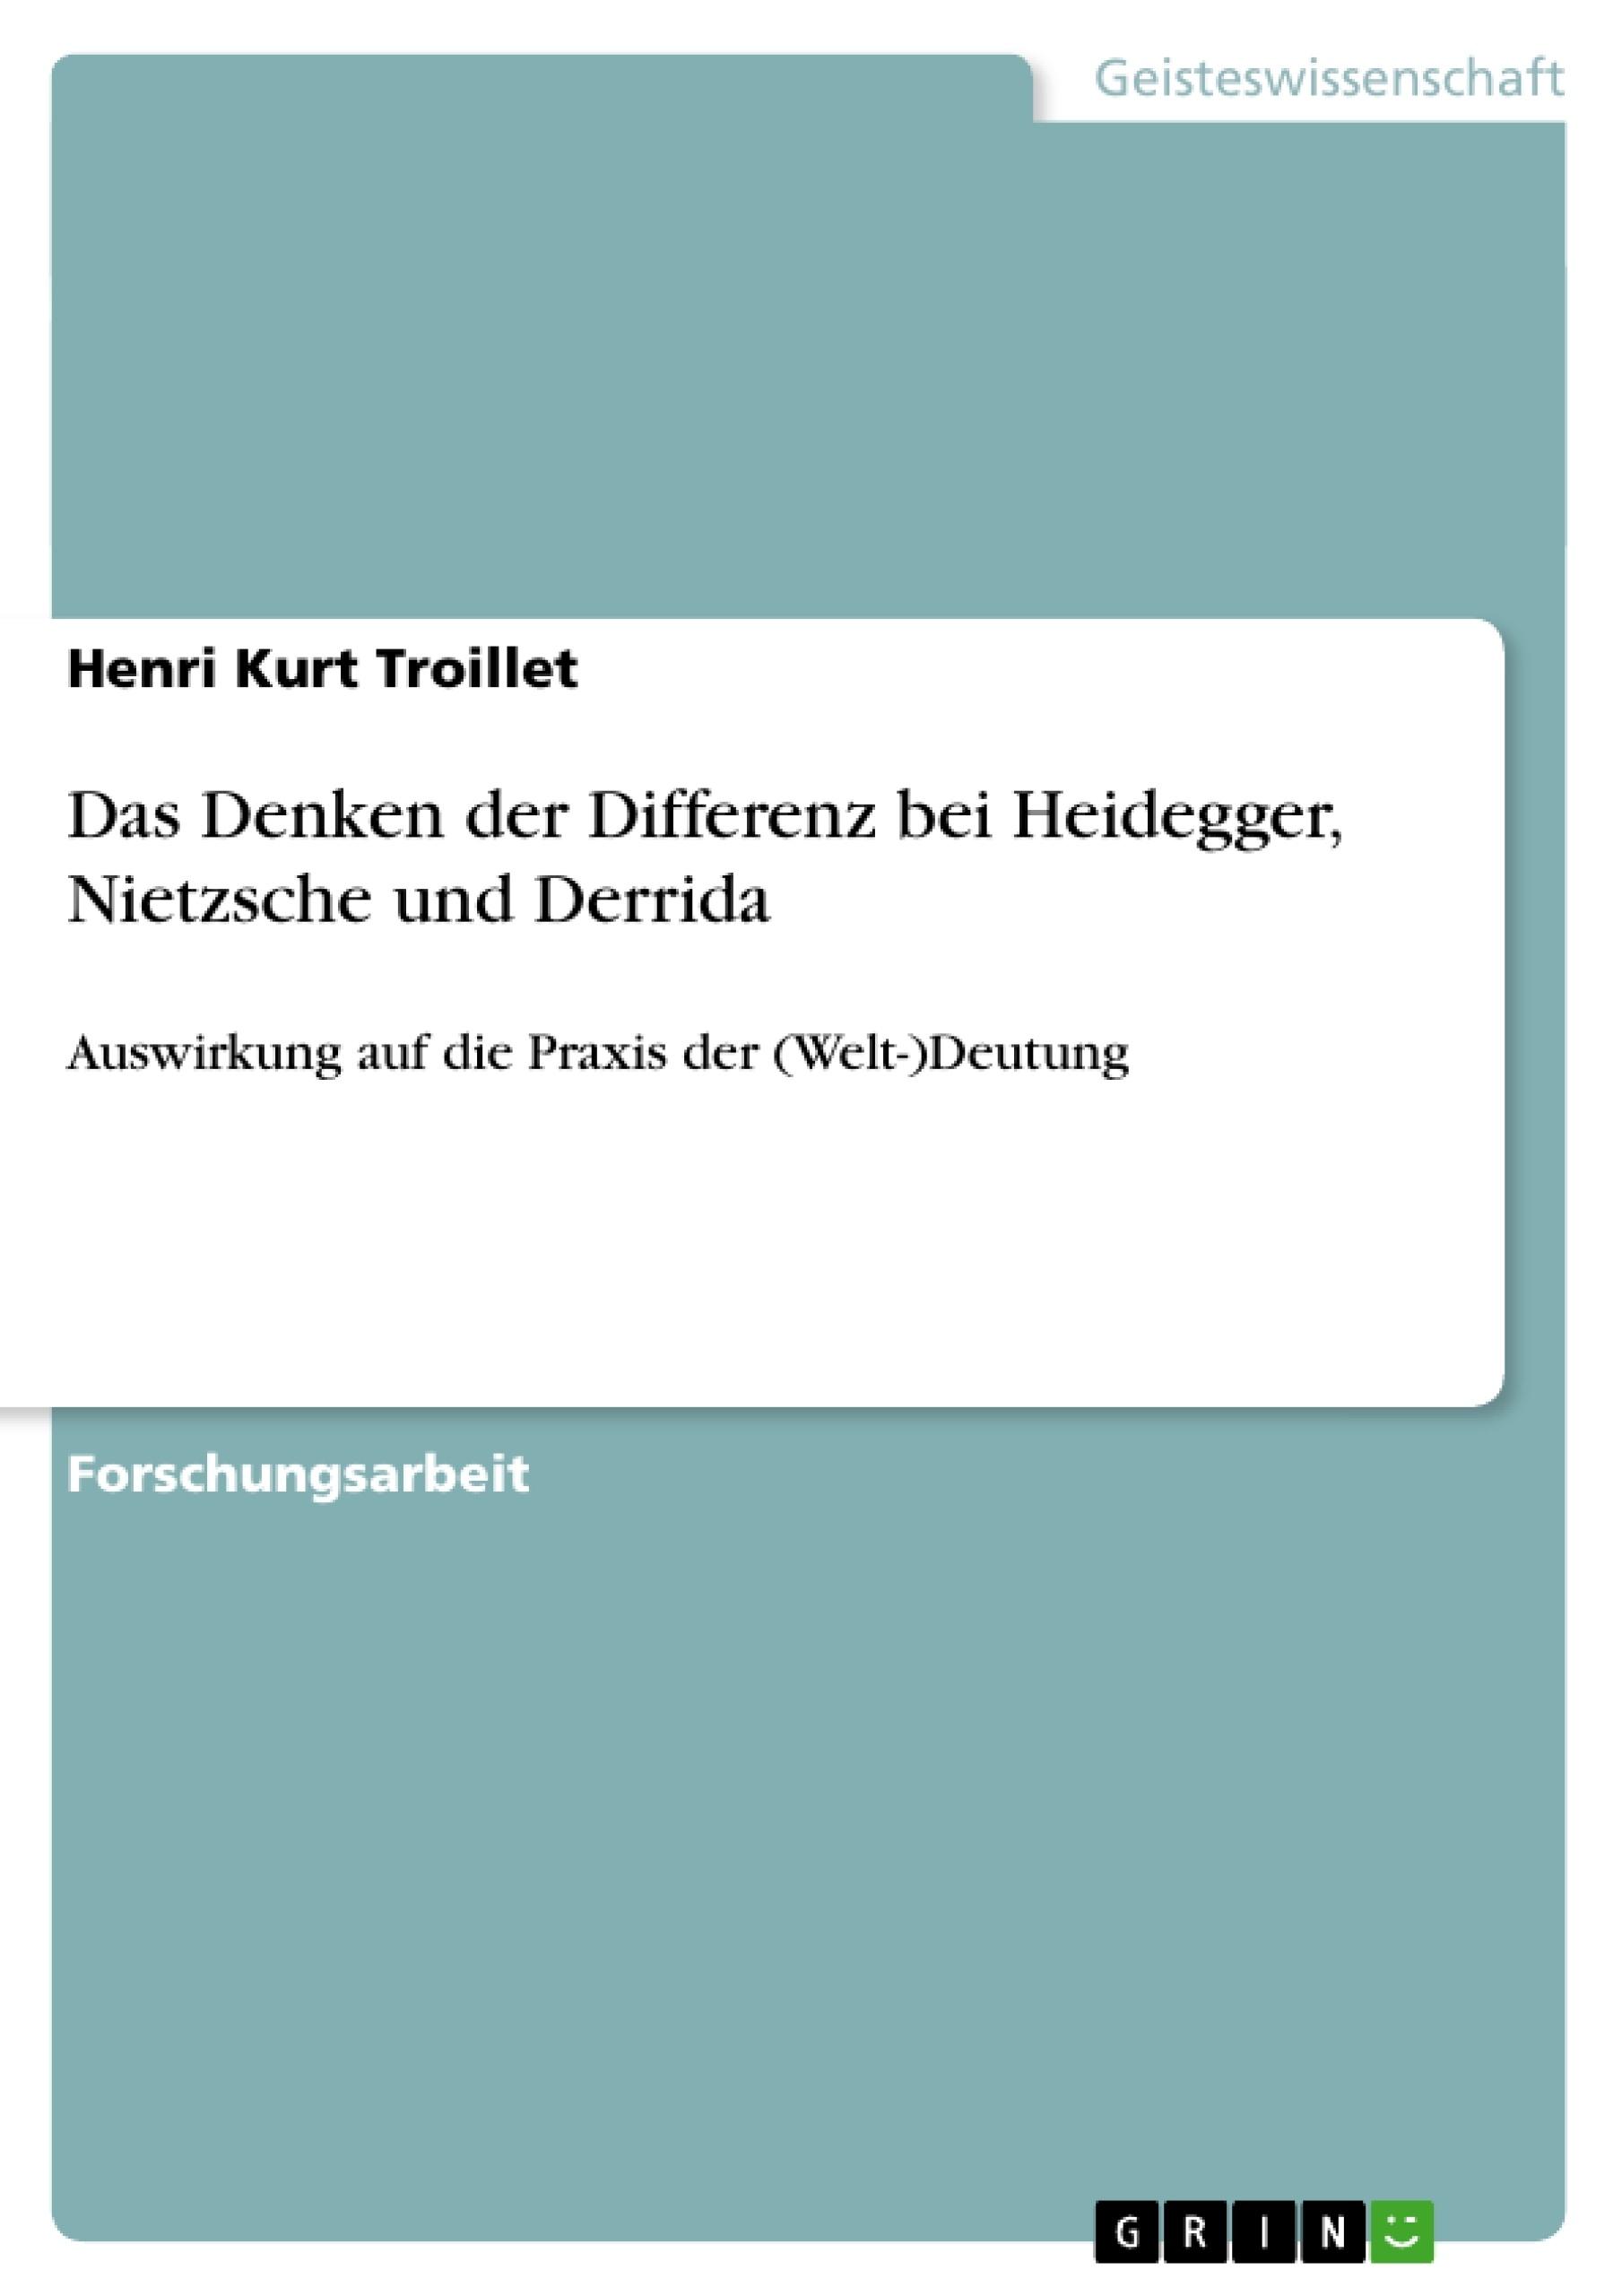 Titel: Das Denken der Differenz bei Heidegger, Nietzsche und Derrida